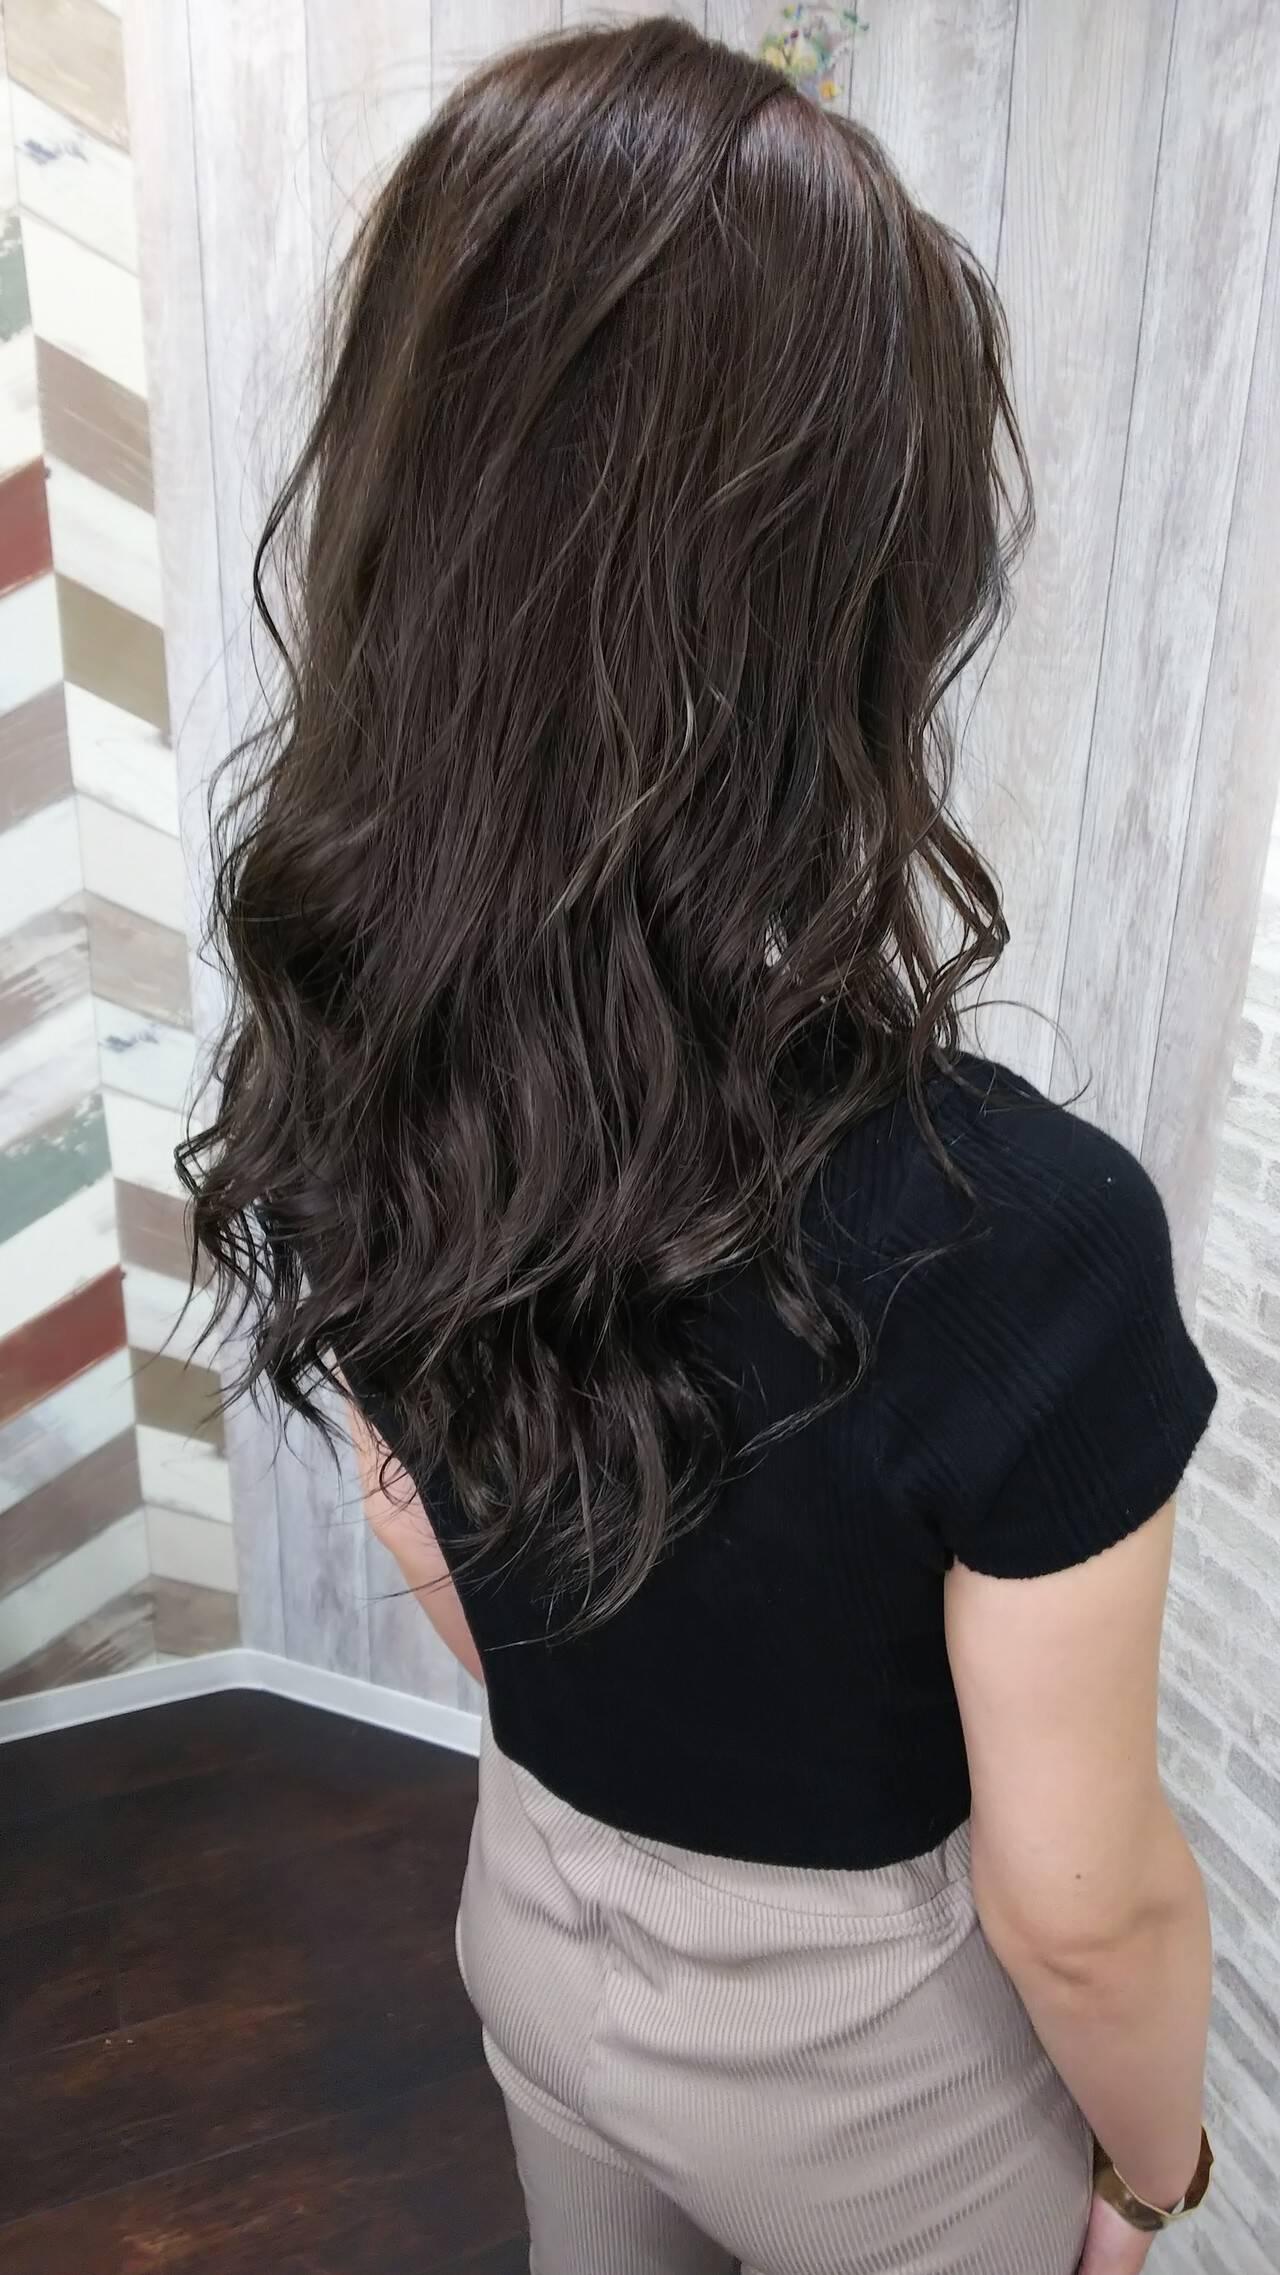 ダブルカラー 夏 フェミニン ヘアカラーヘアスタイルや髪型の写真・画像